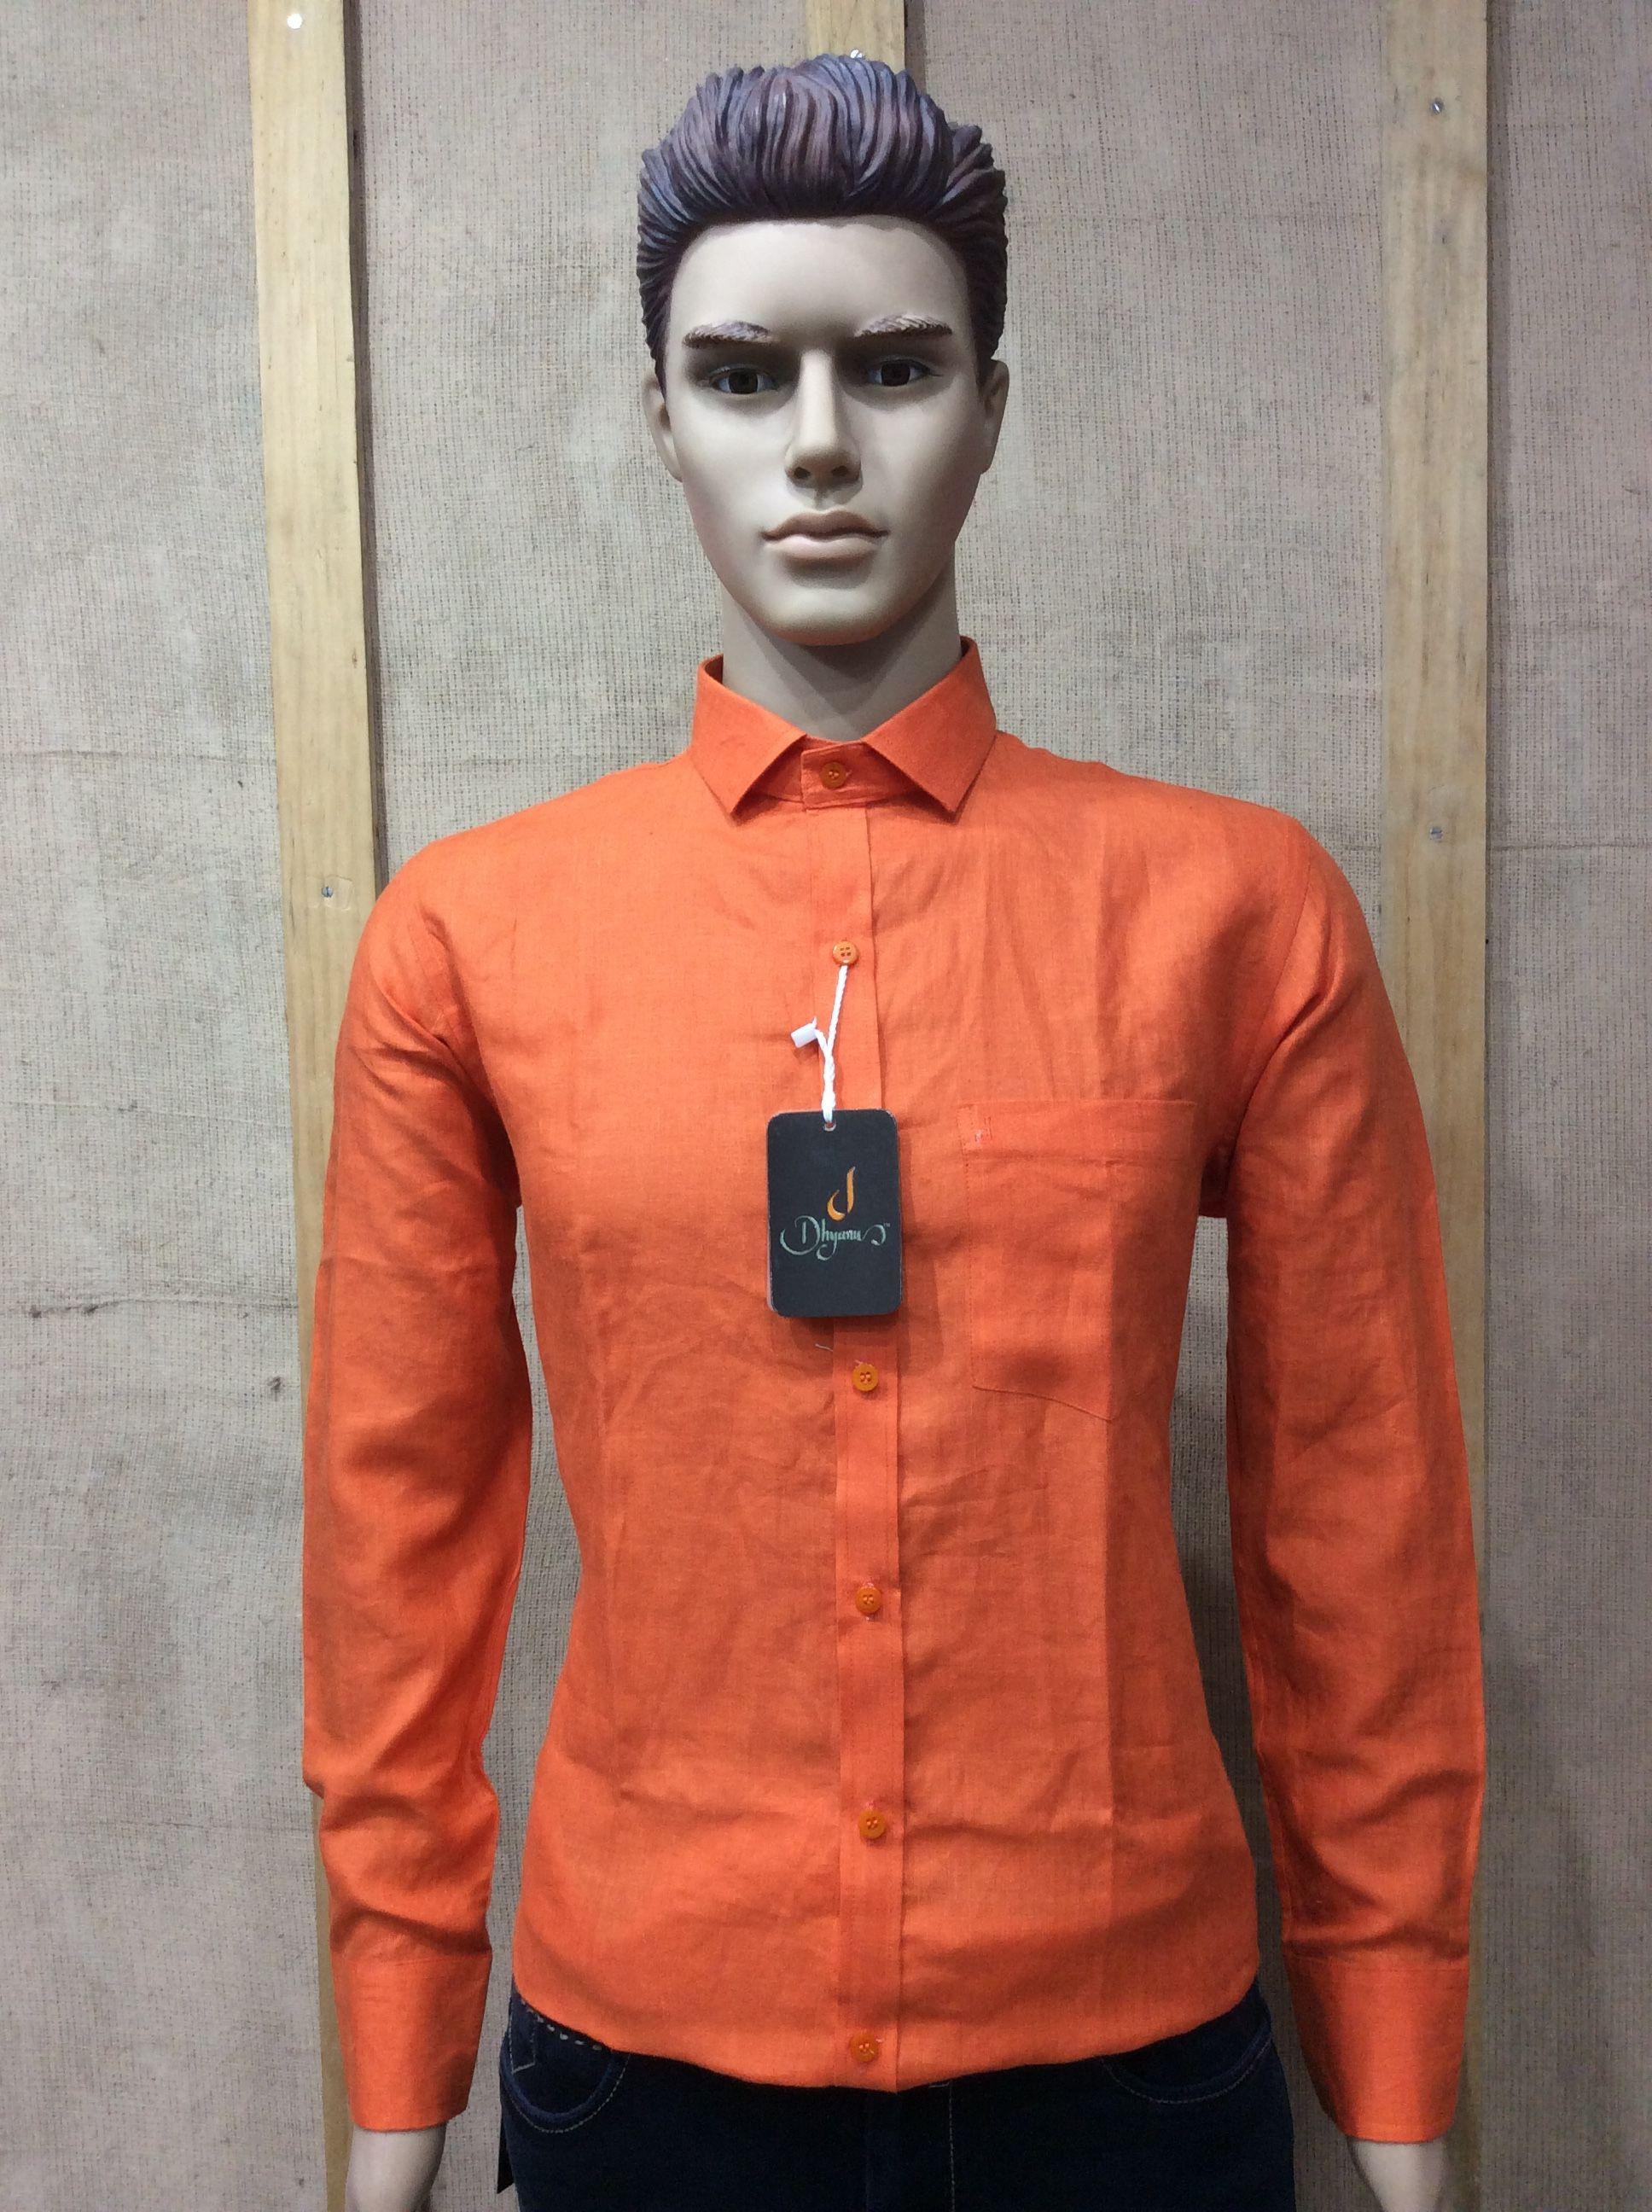 100 Pure Linen Shirt 60 Lea Fabric Dhyanu Brand Shirt Linen Shirt Pure Linen Branded Shirts